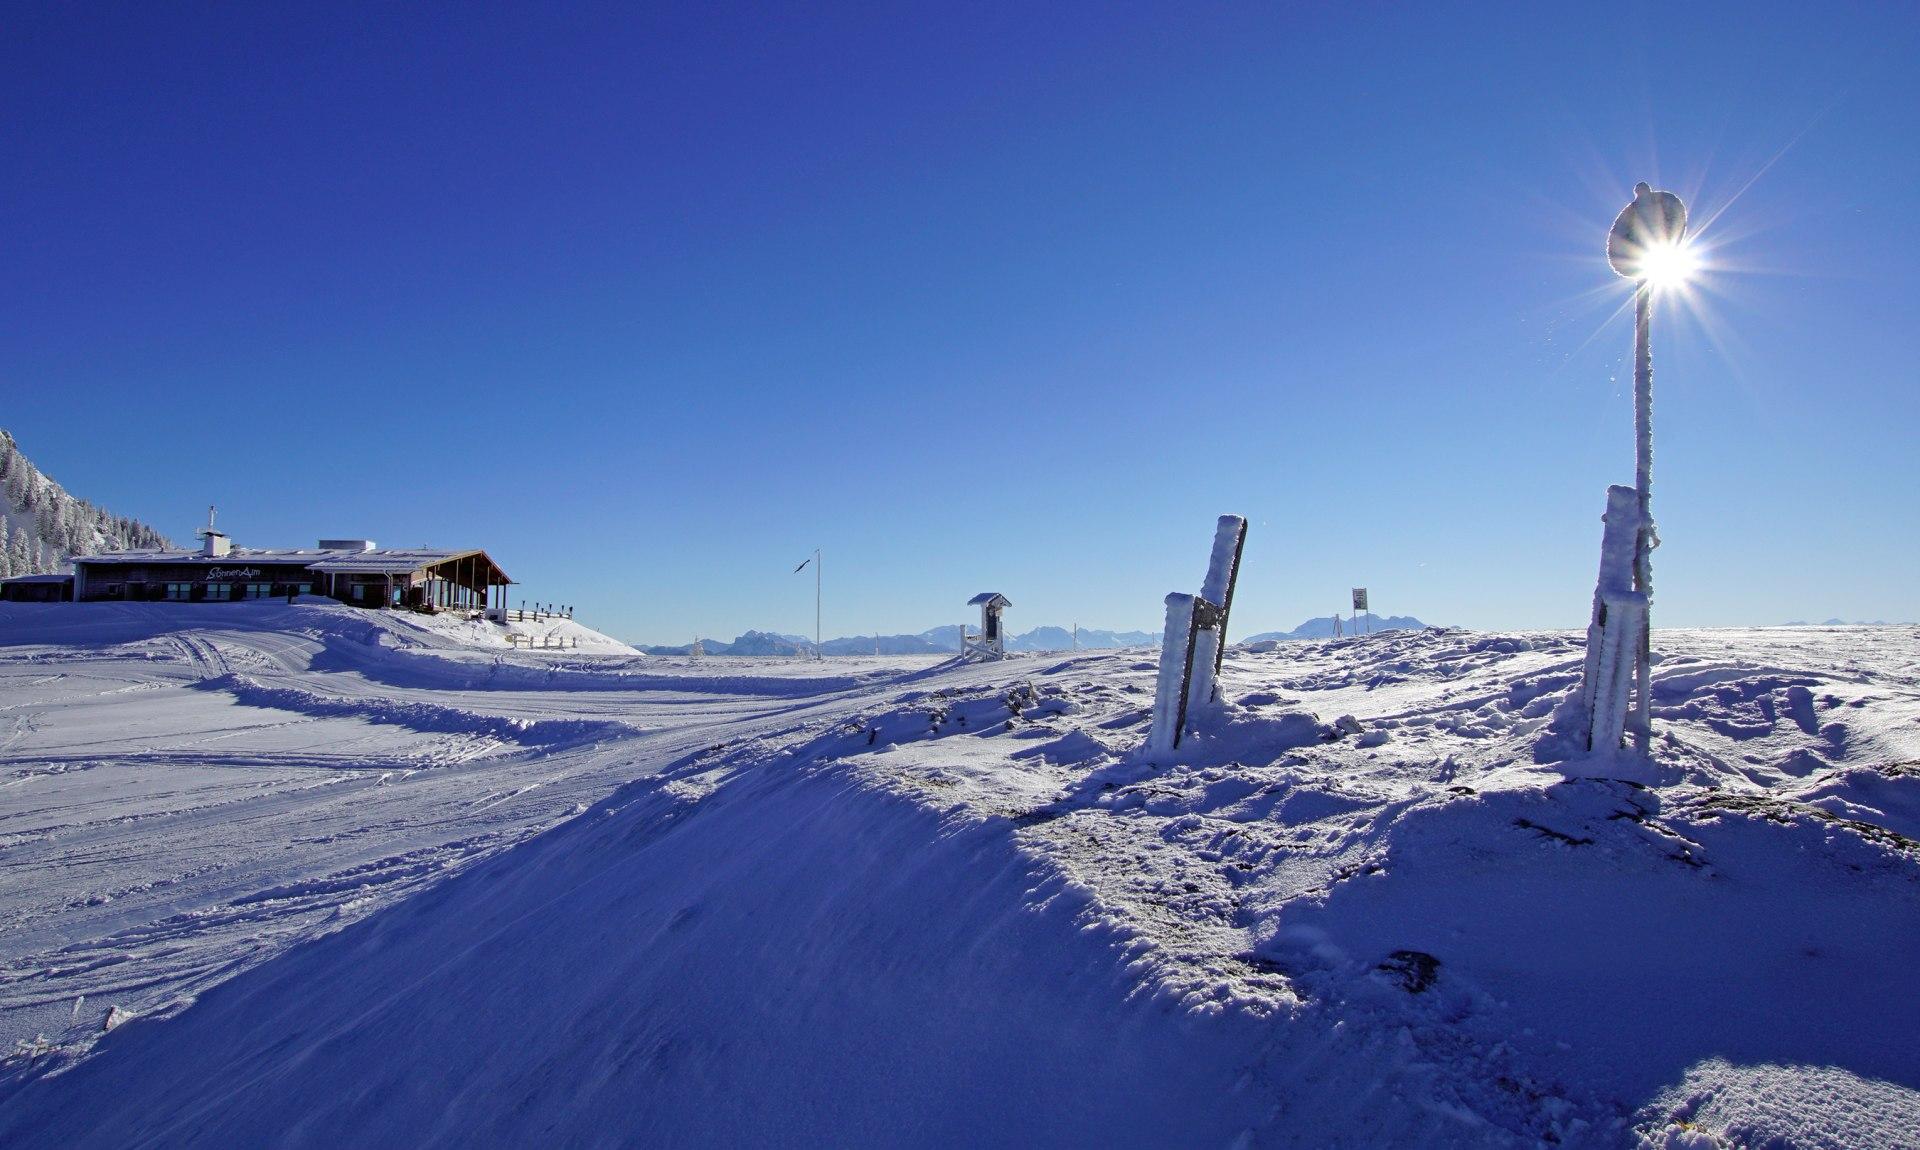 Skigebiet Kampenwand, © Claus Schuhmann